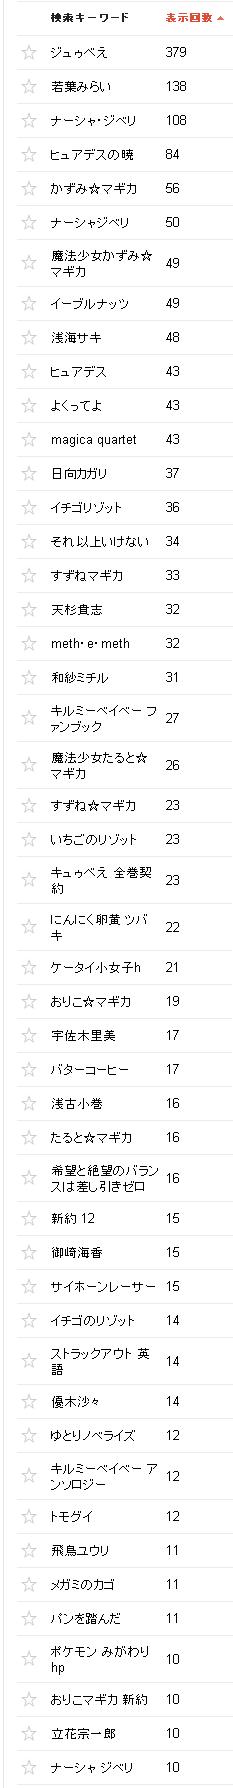 2015/03/02の検索クエリ一覧(ウェブマスターツール)の上位